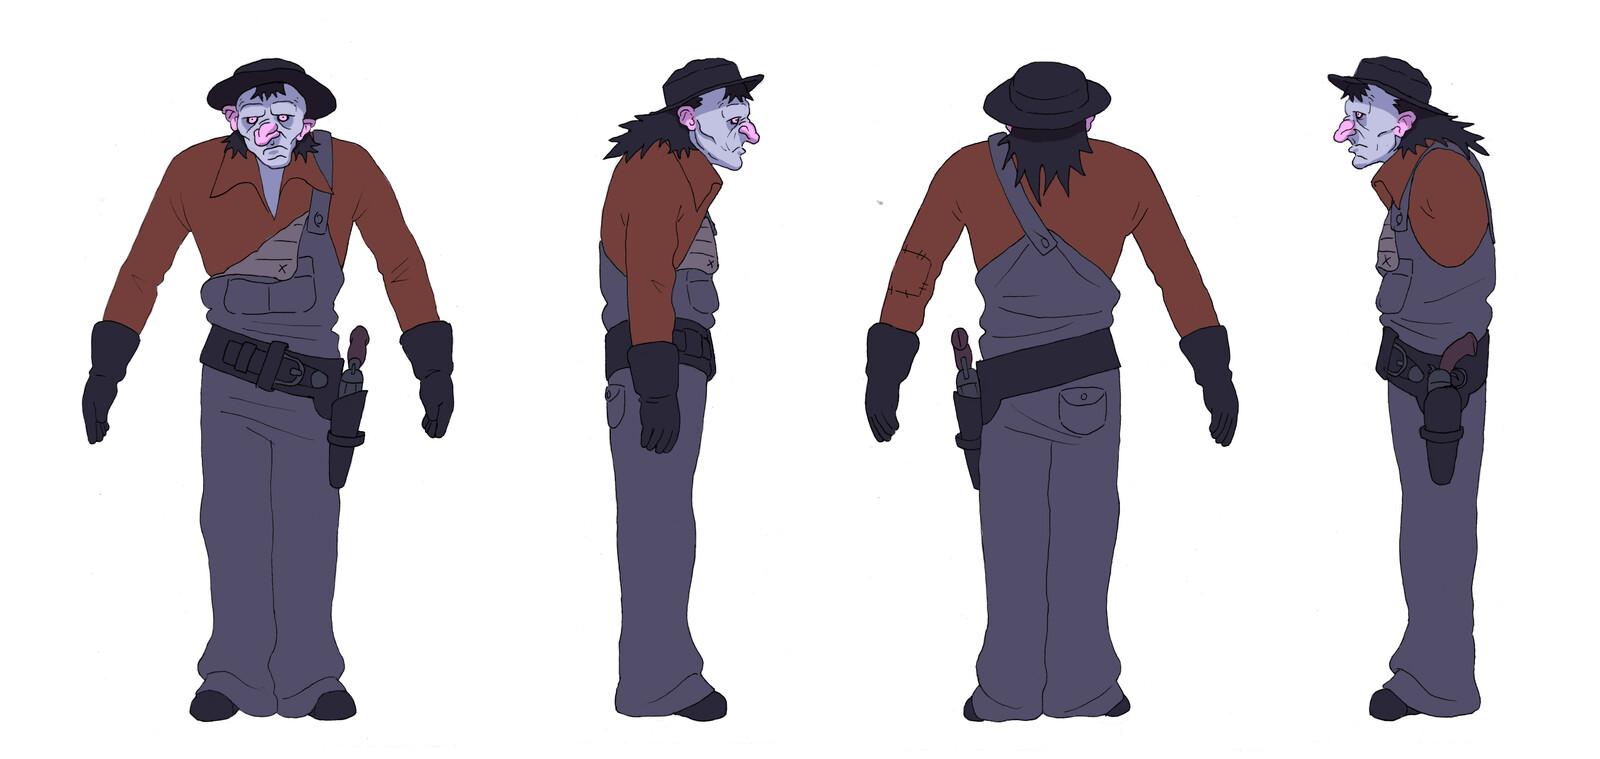 Character turnaround.